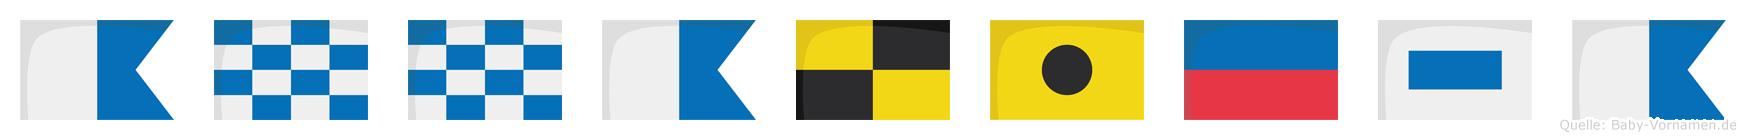 Annaliesa im Flaggenalphabet